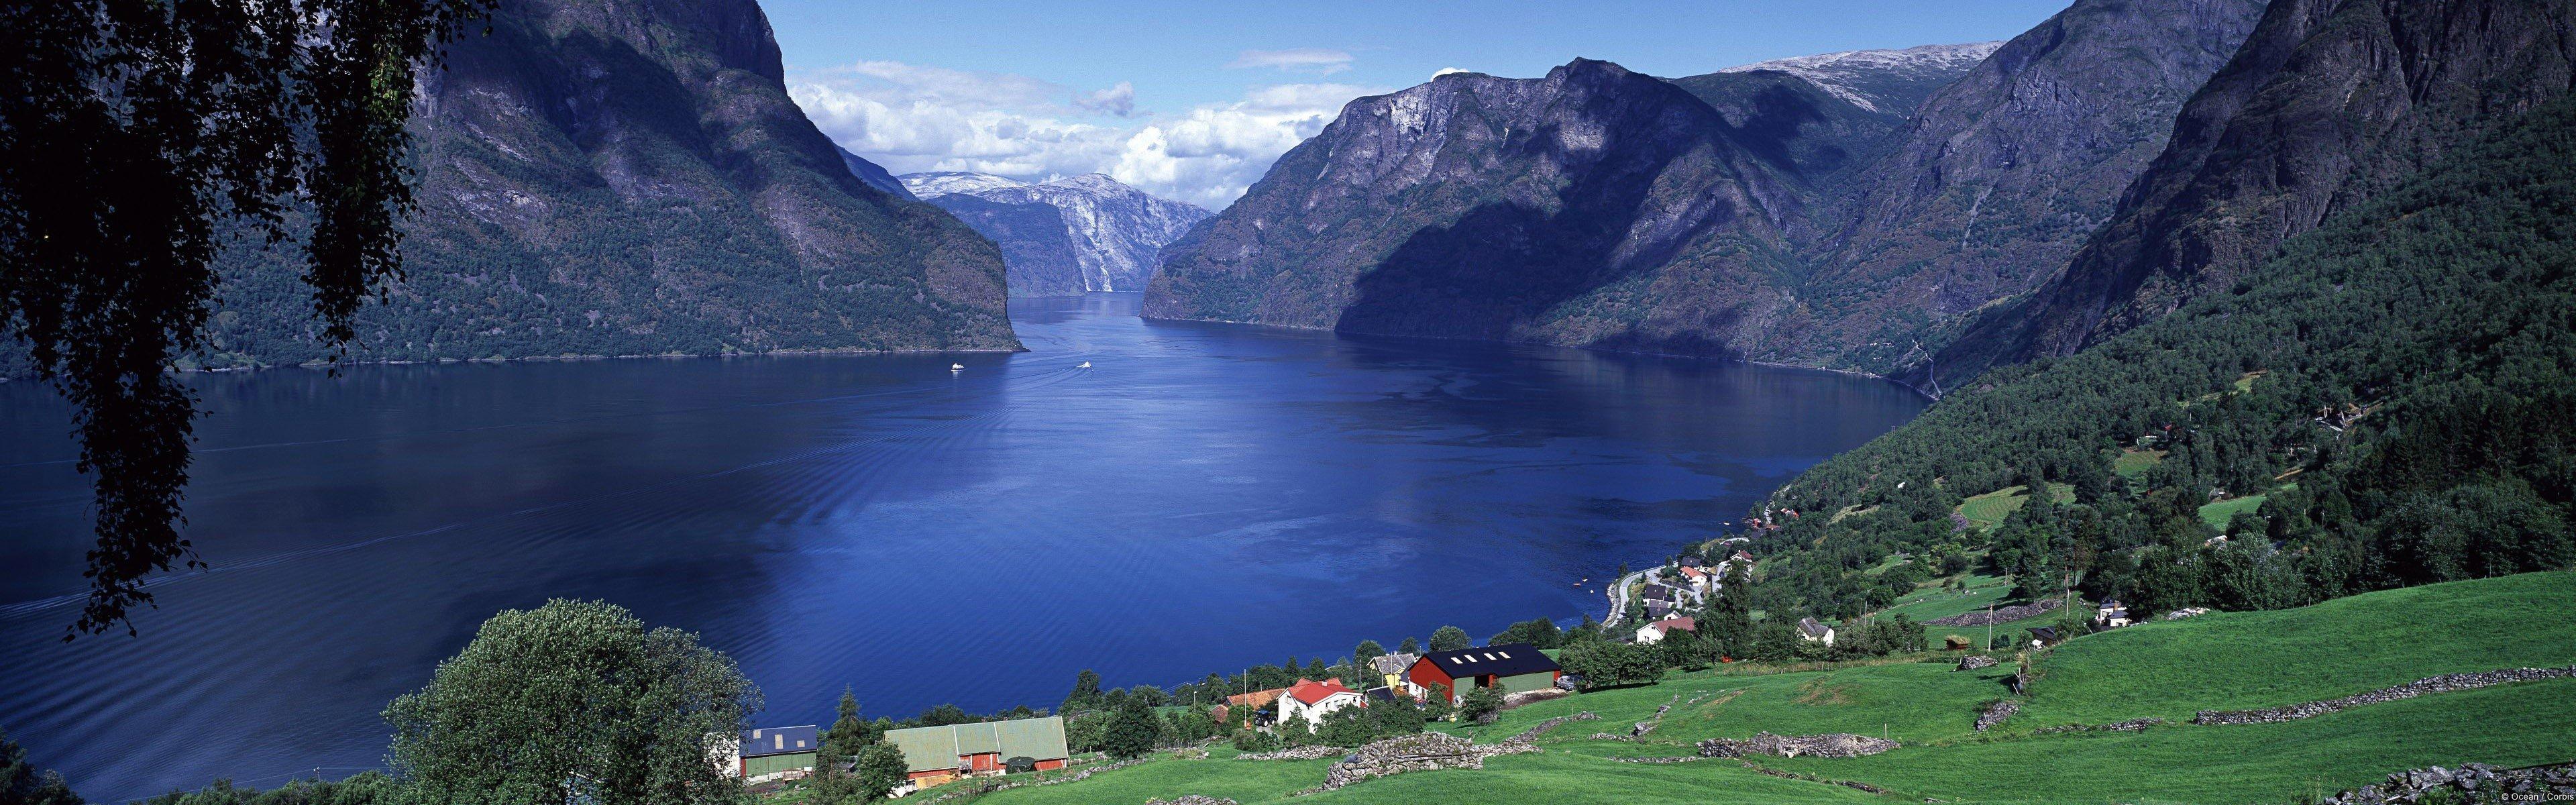 Fondo de pantalla de Aurlandsfjord en Noruega Imágenes